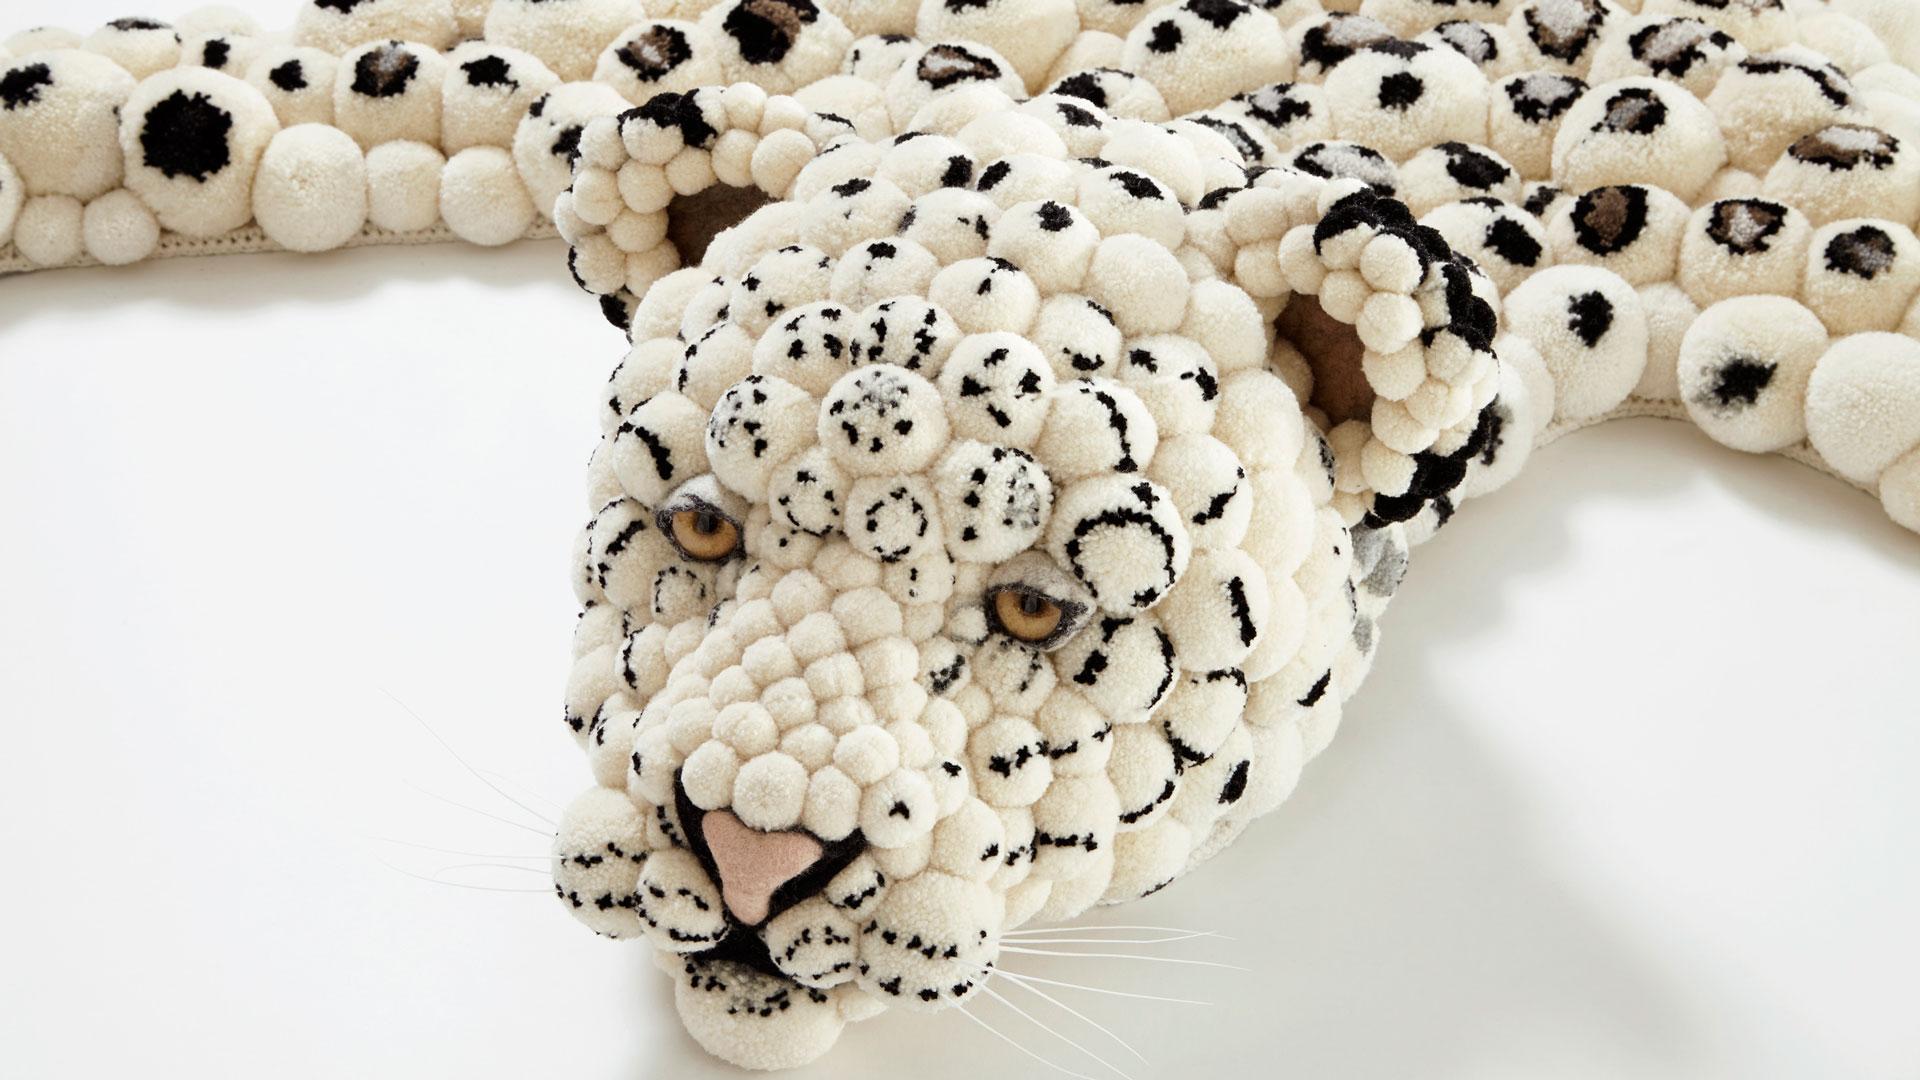 myk animal skin rugs - Animal Skin Rugs